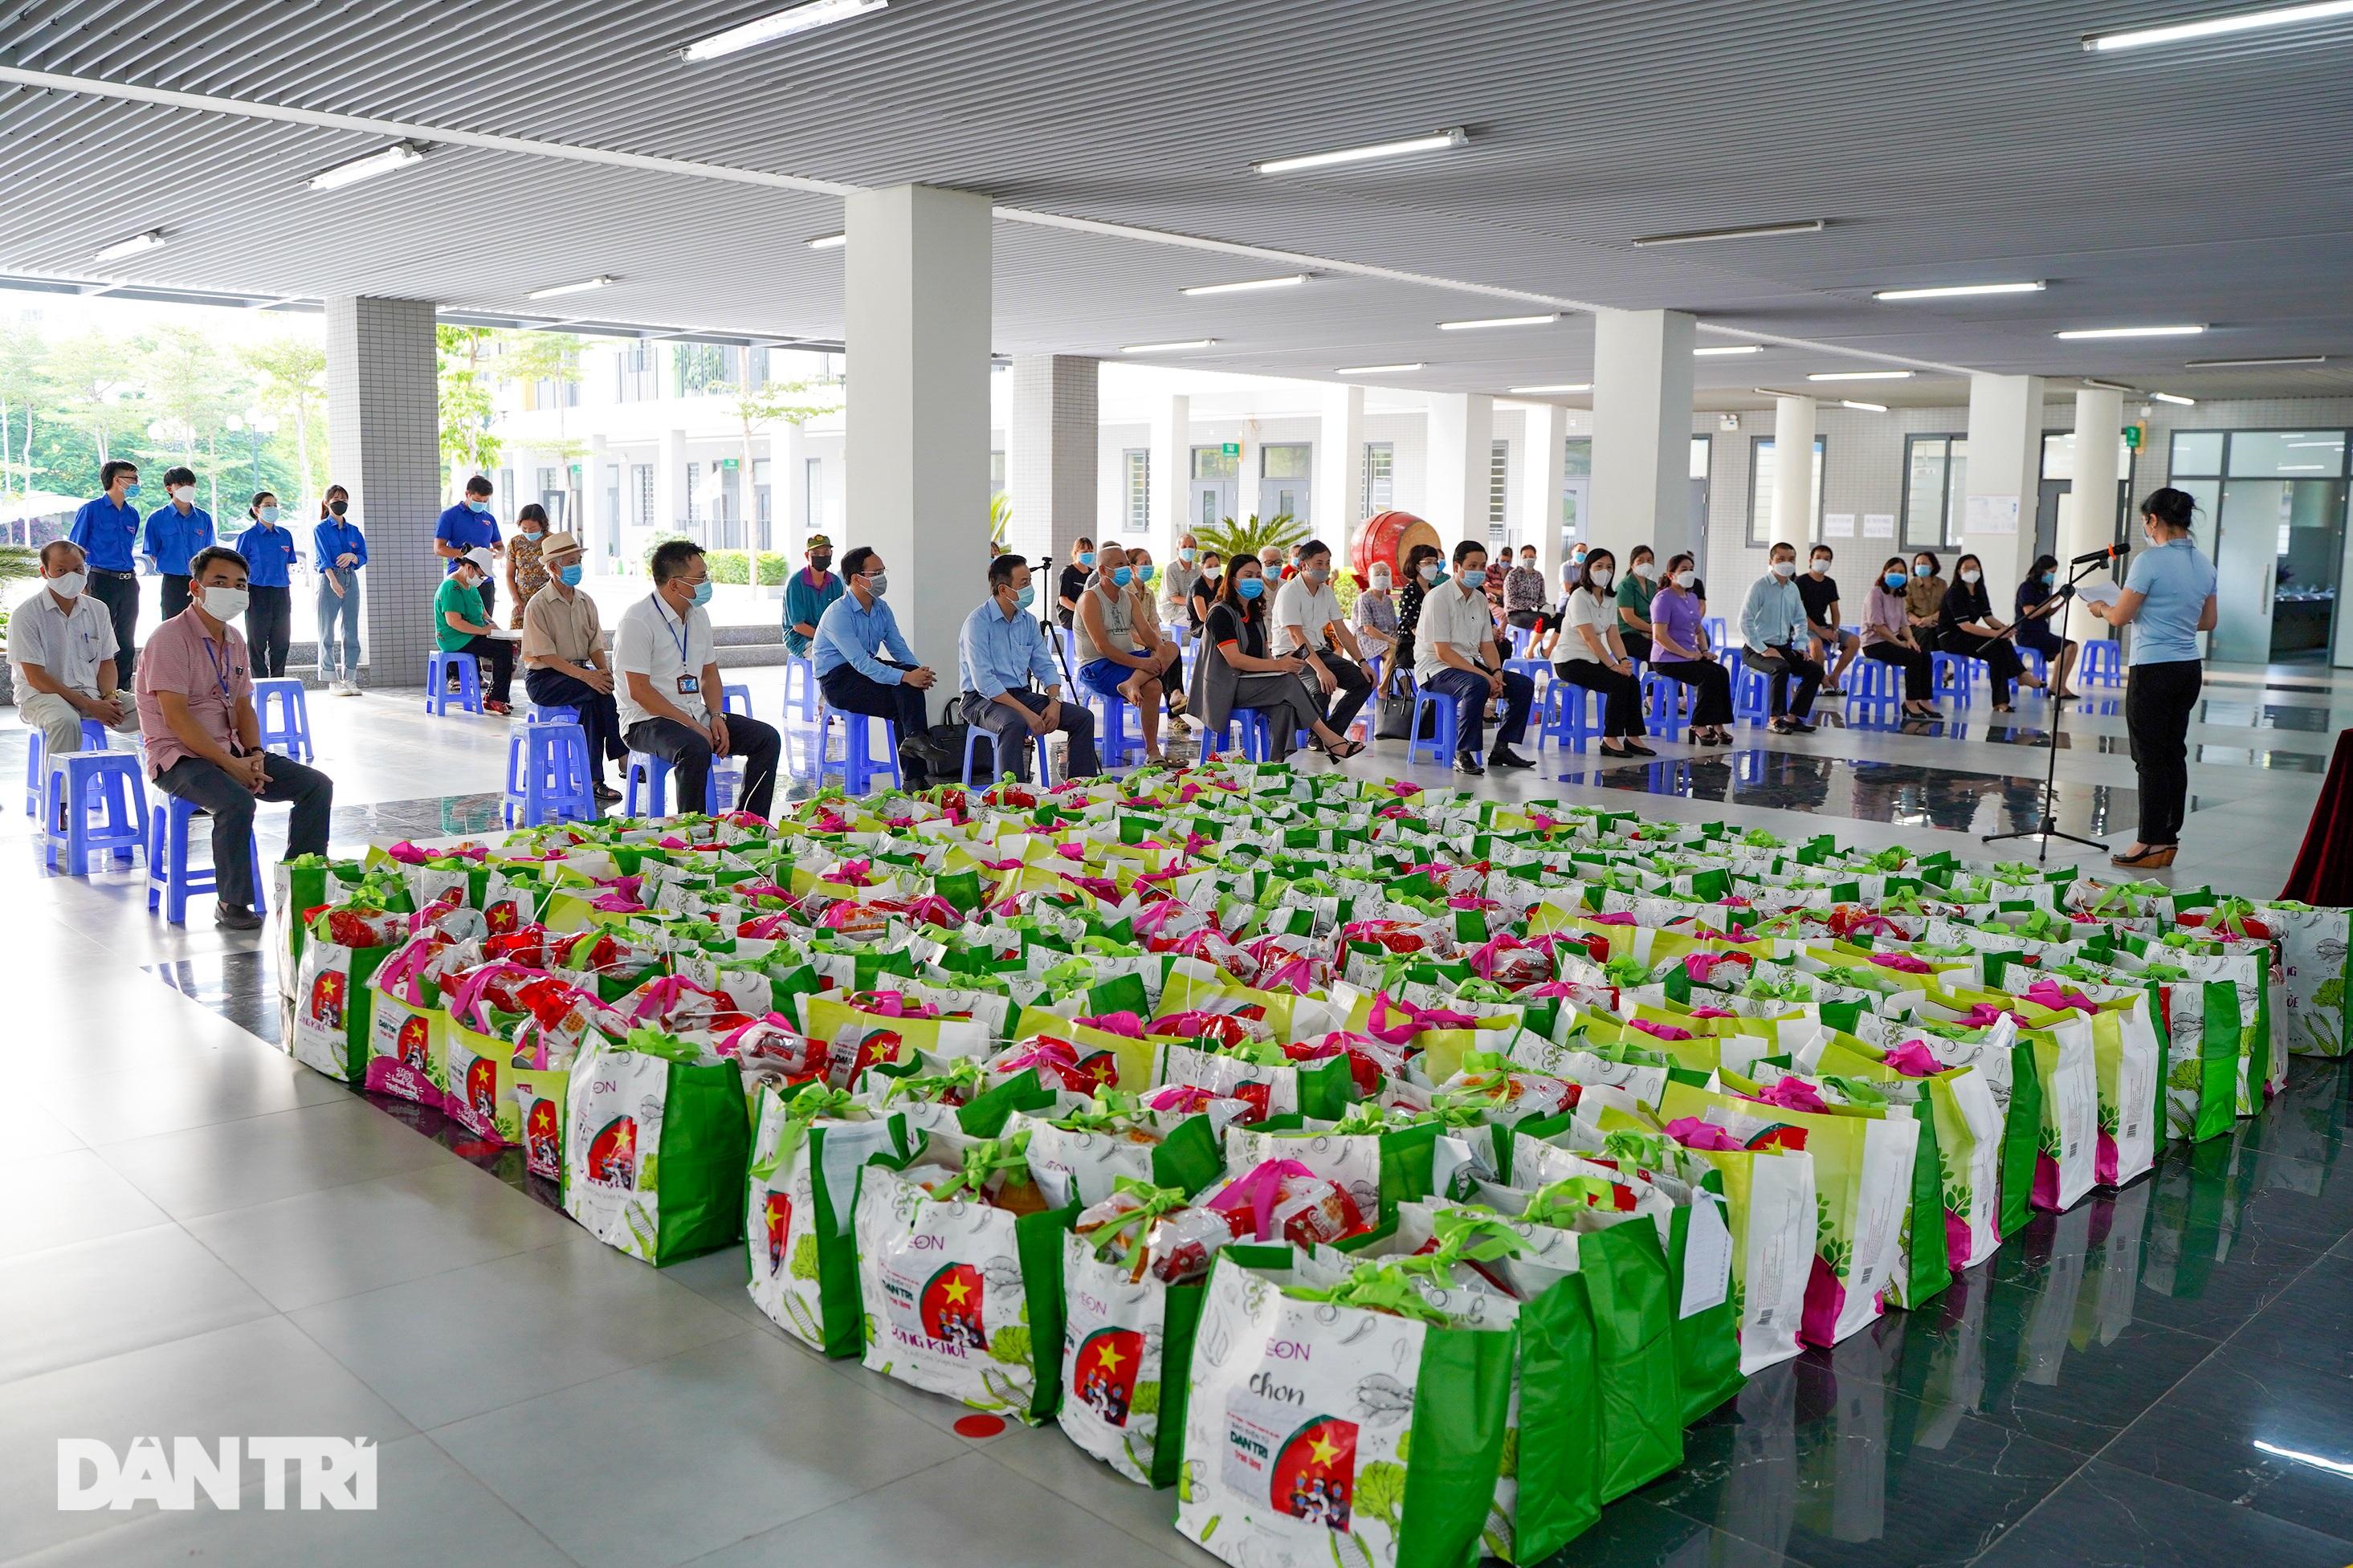 Trao 800 túi an sinh đến lao động tự do gặp khó khăn do dịch bệnh Covid-19 - 2